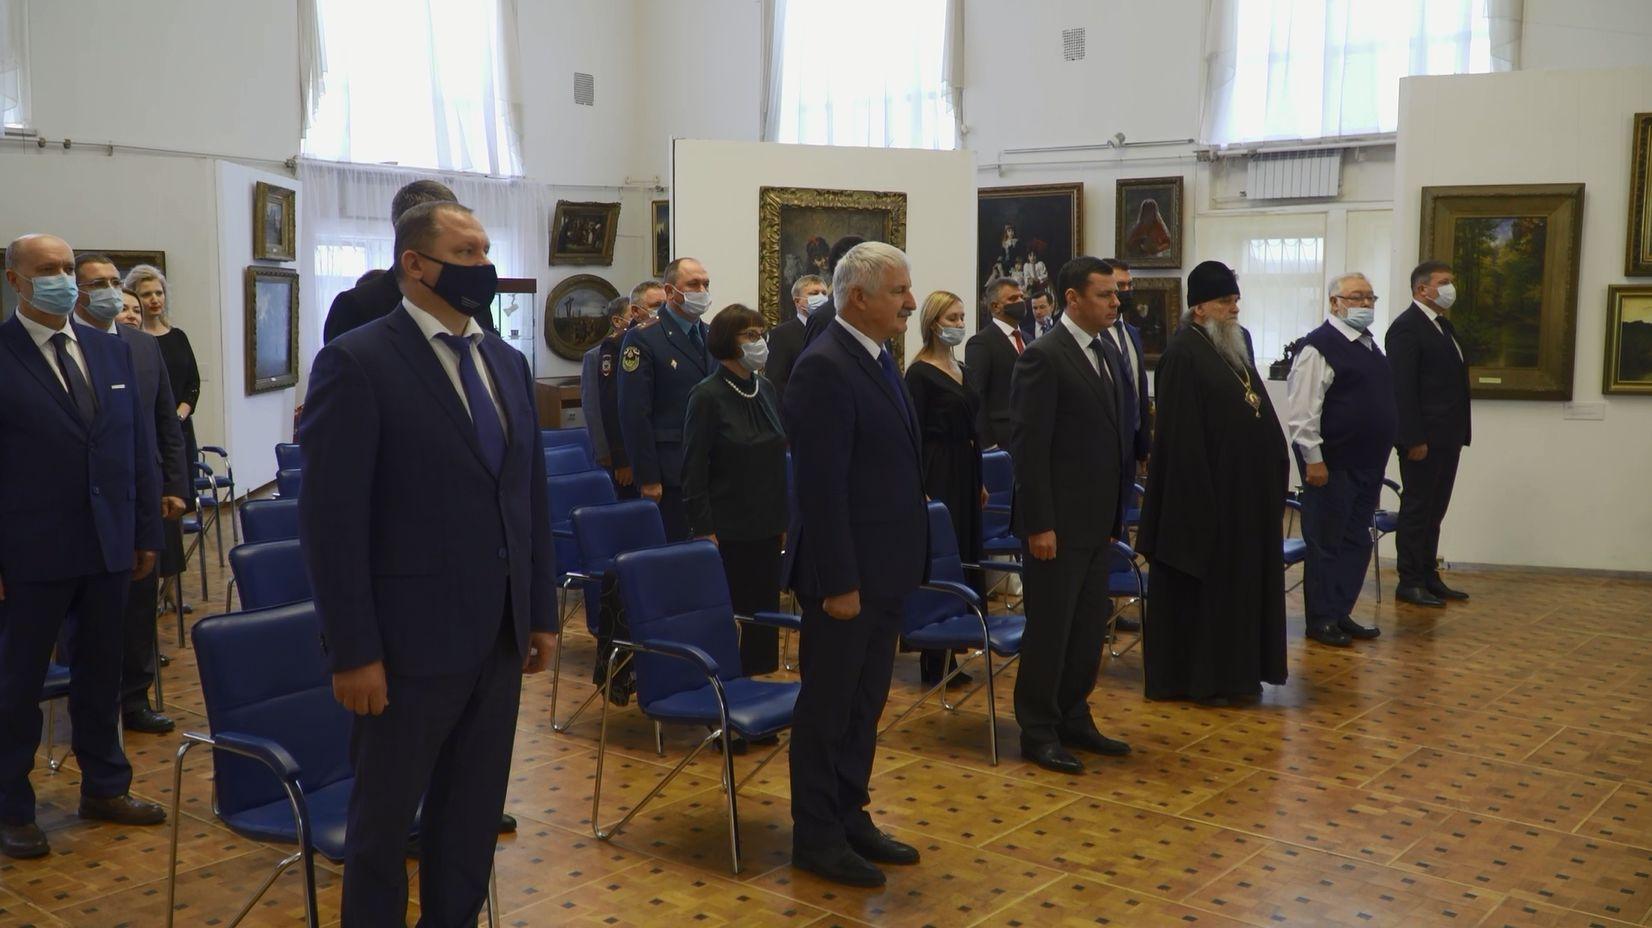 Губернатор Ярославской области Дмитрий Миронов поздравил Дениса Добрякова с вступлением в должность главы Рыбинска